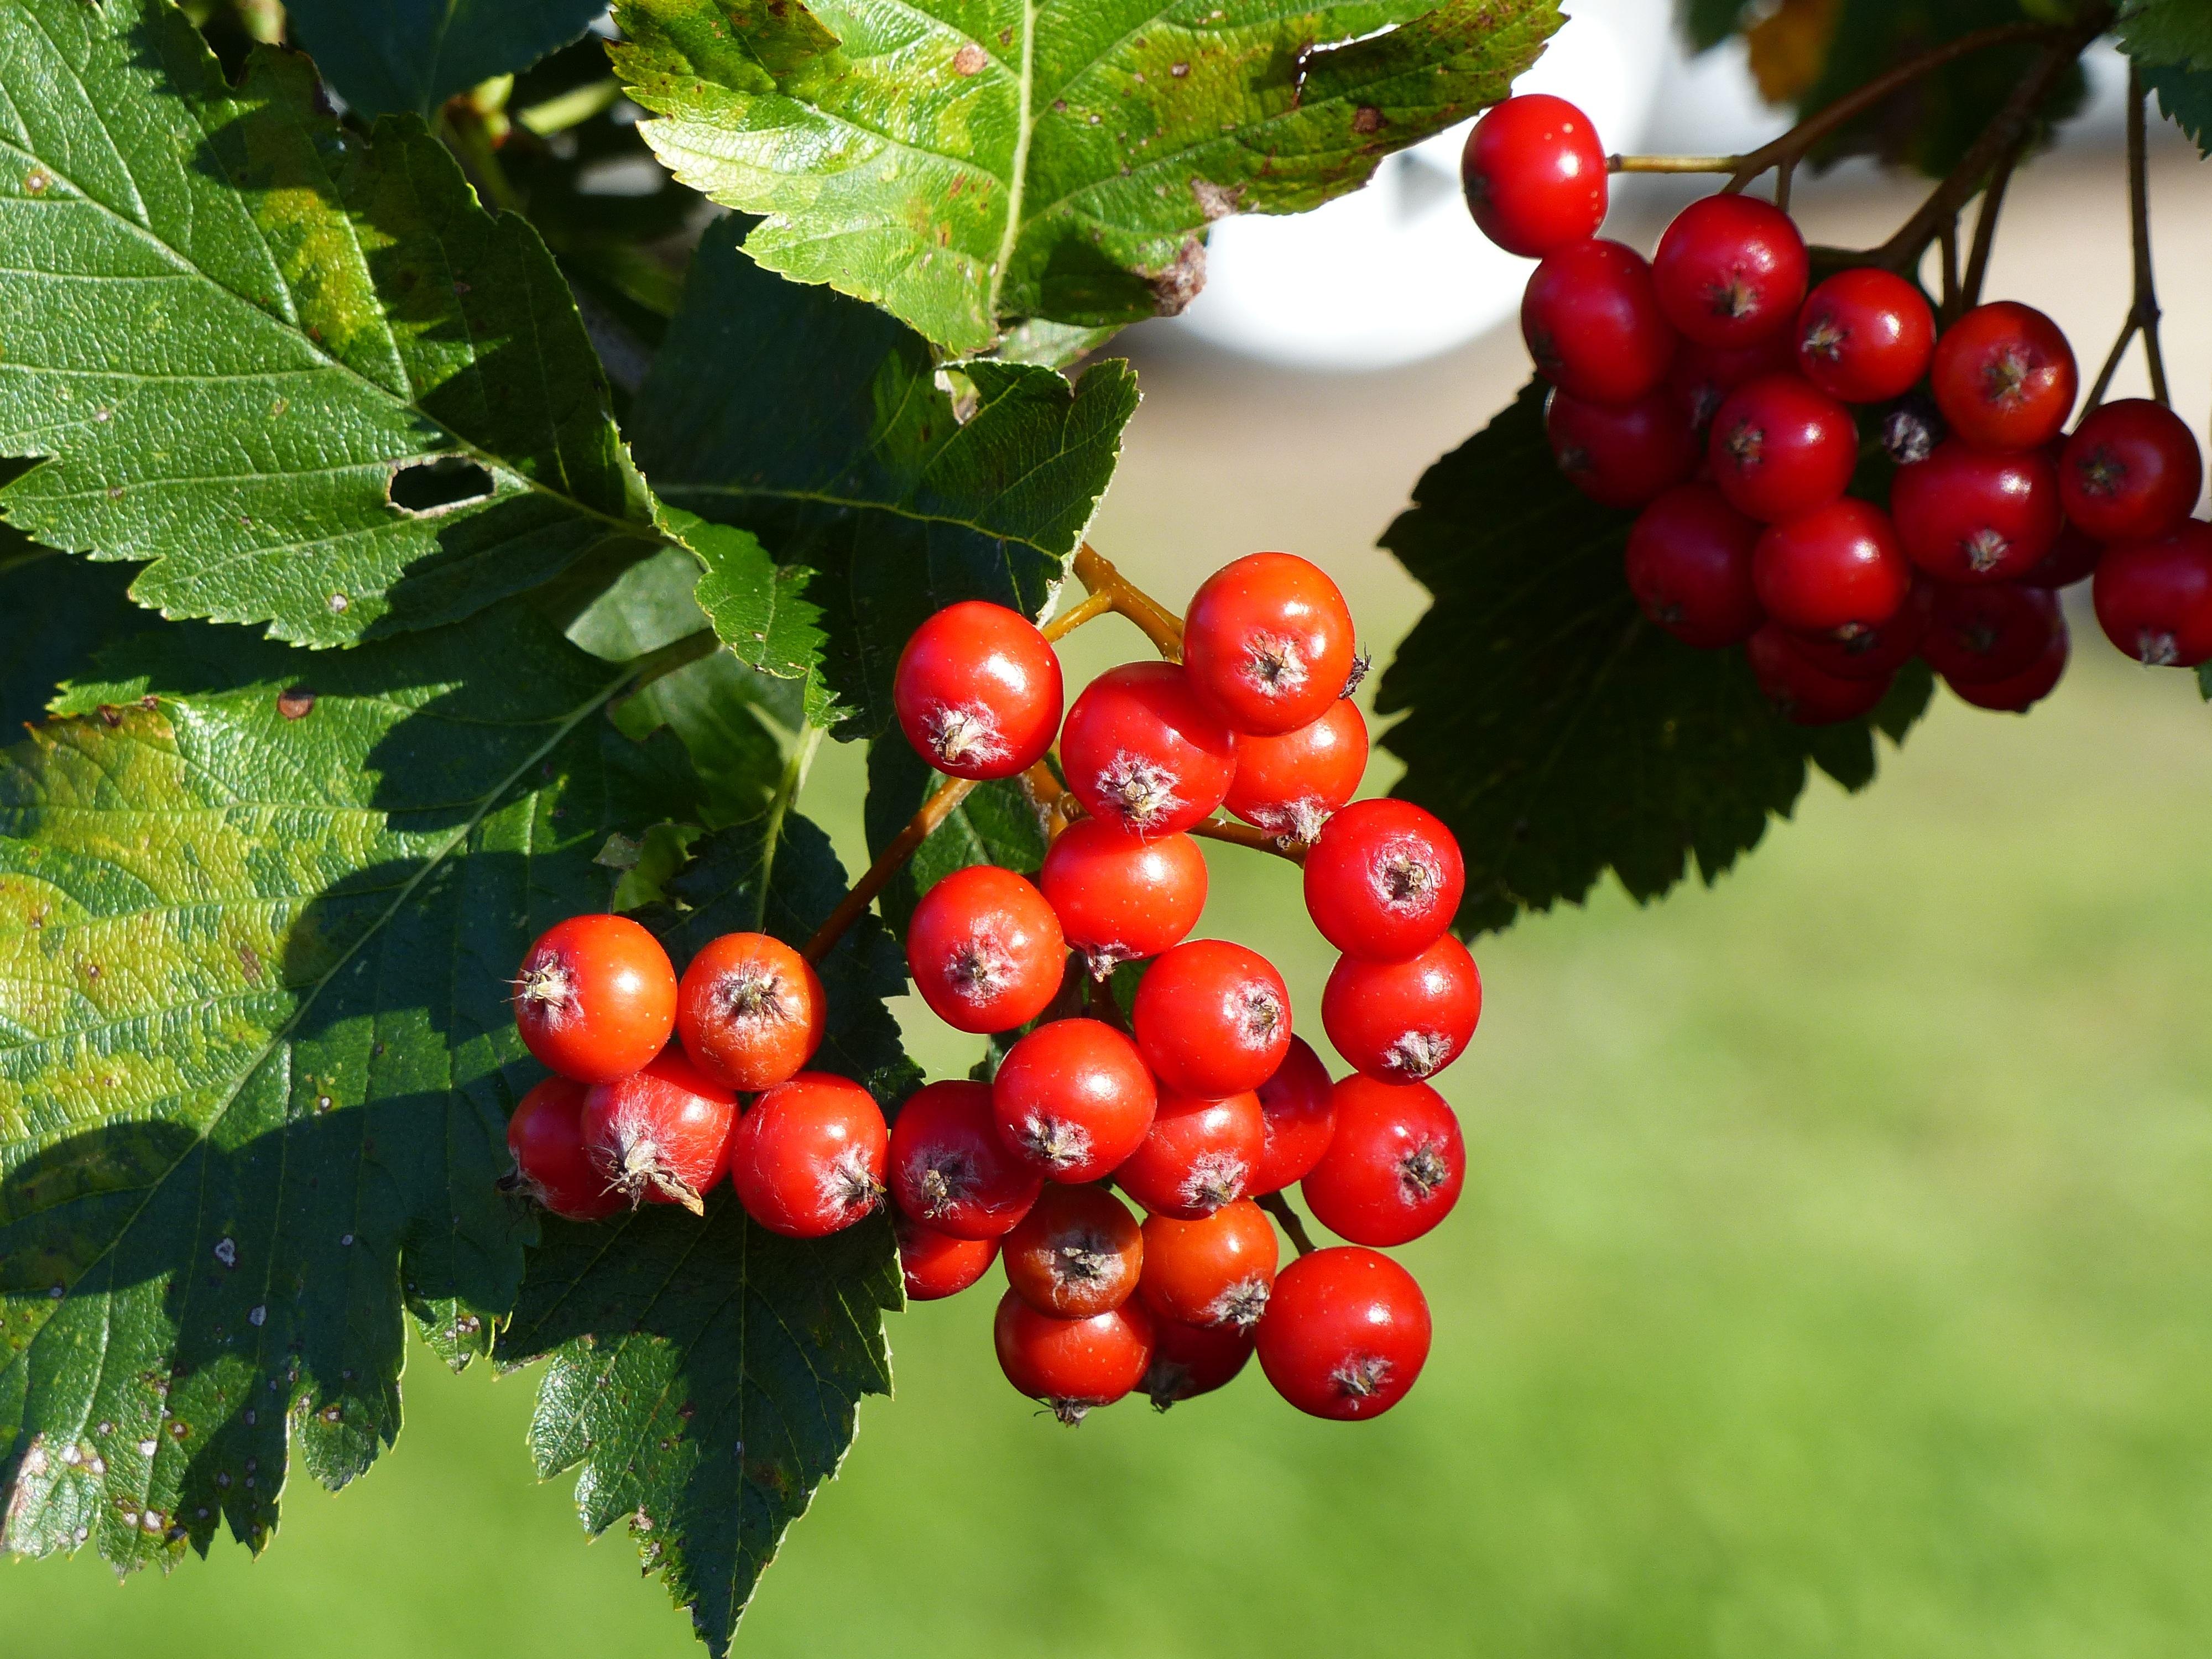 Kostenlose foto : Baum, Frucht, Beere, Blatt, Blume, Lebensmittel ...